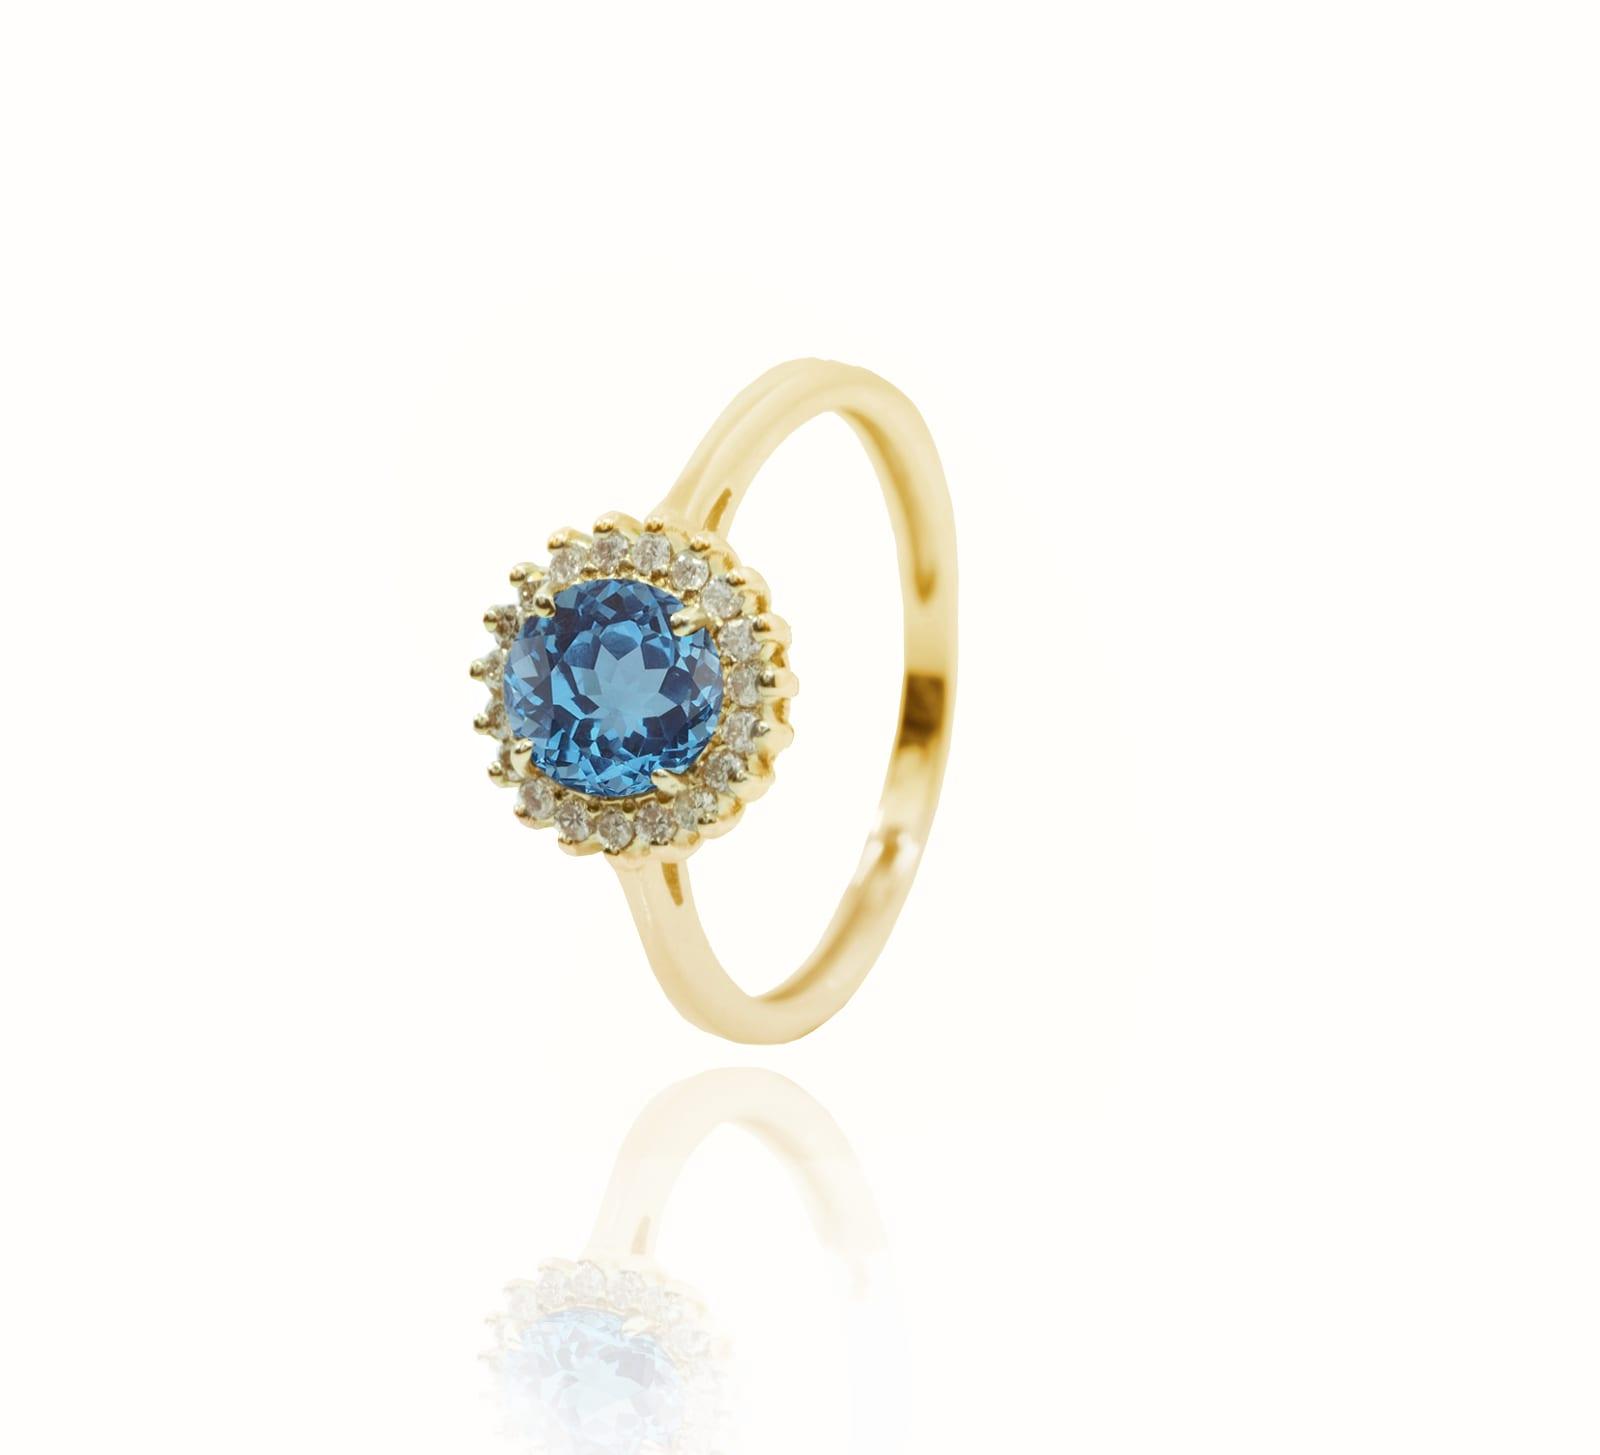 טבעת זהב 14 קרט משובצת אבן חן בלו טופז ו0.15 קראט יהלומים